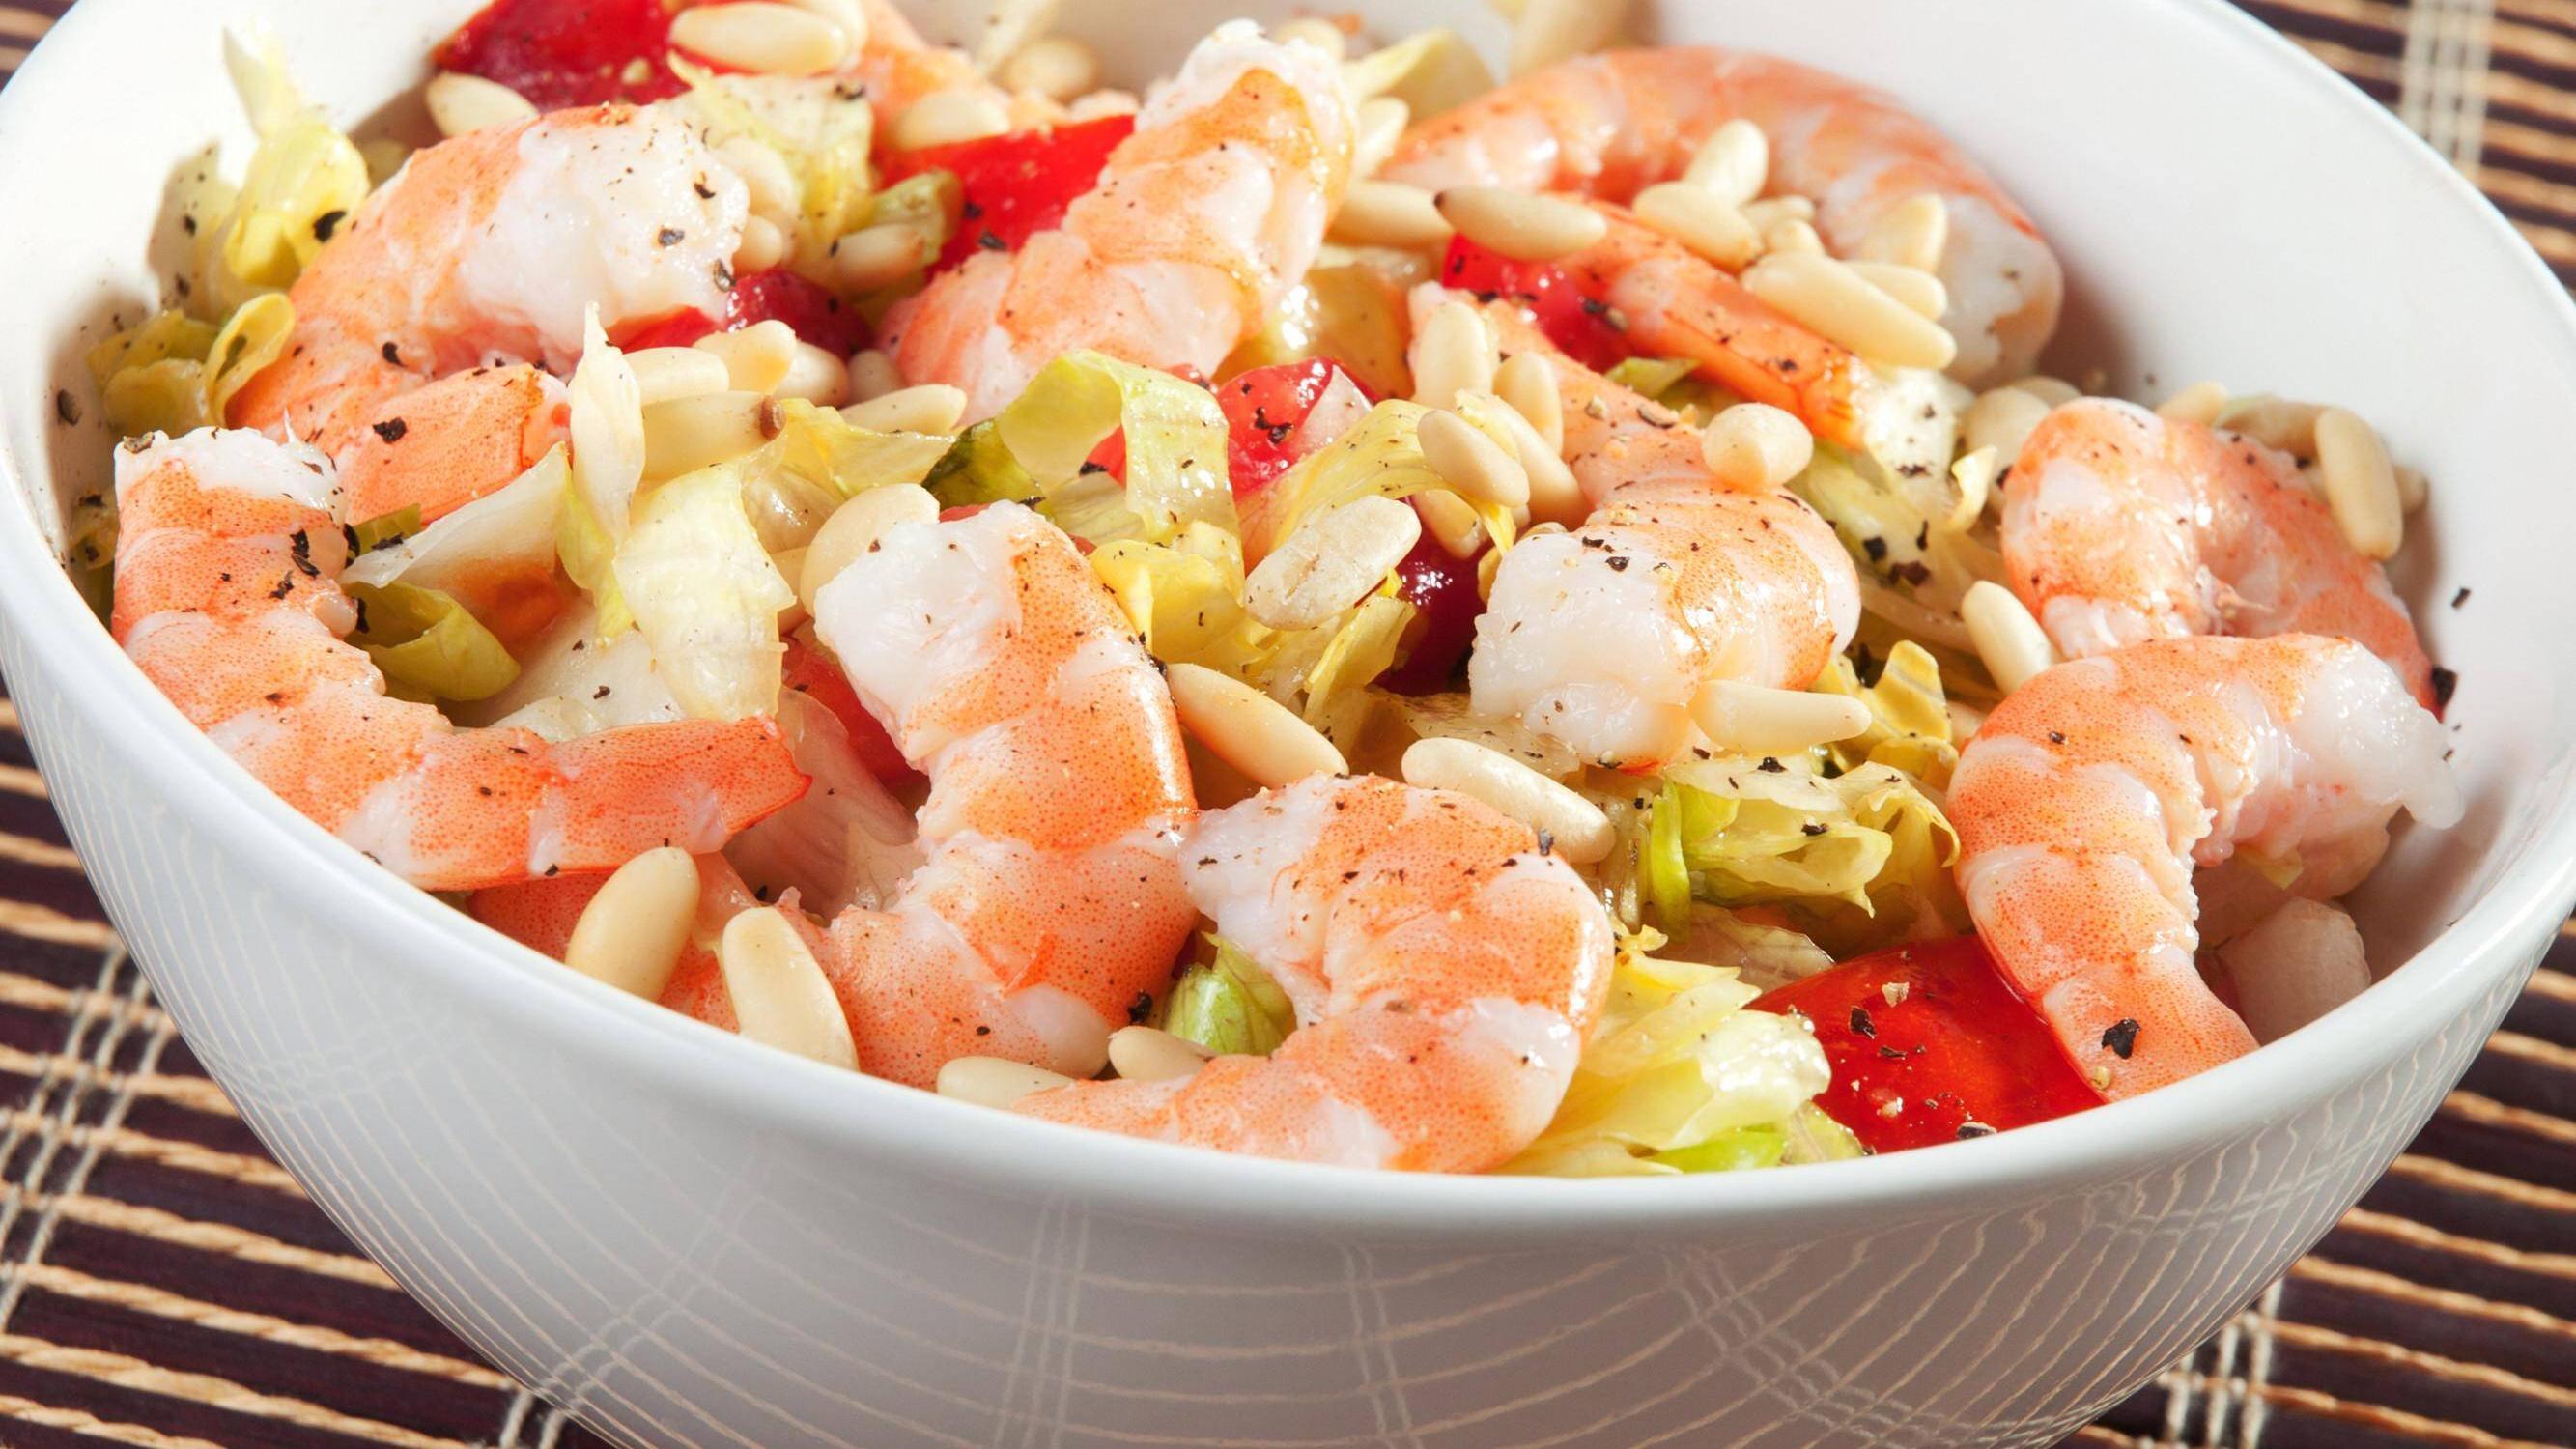 Um Shrimps richtig zuzubereiten, sollten Sie sie vorher erst auftauen lassen